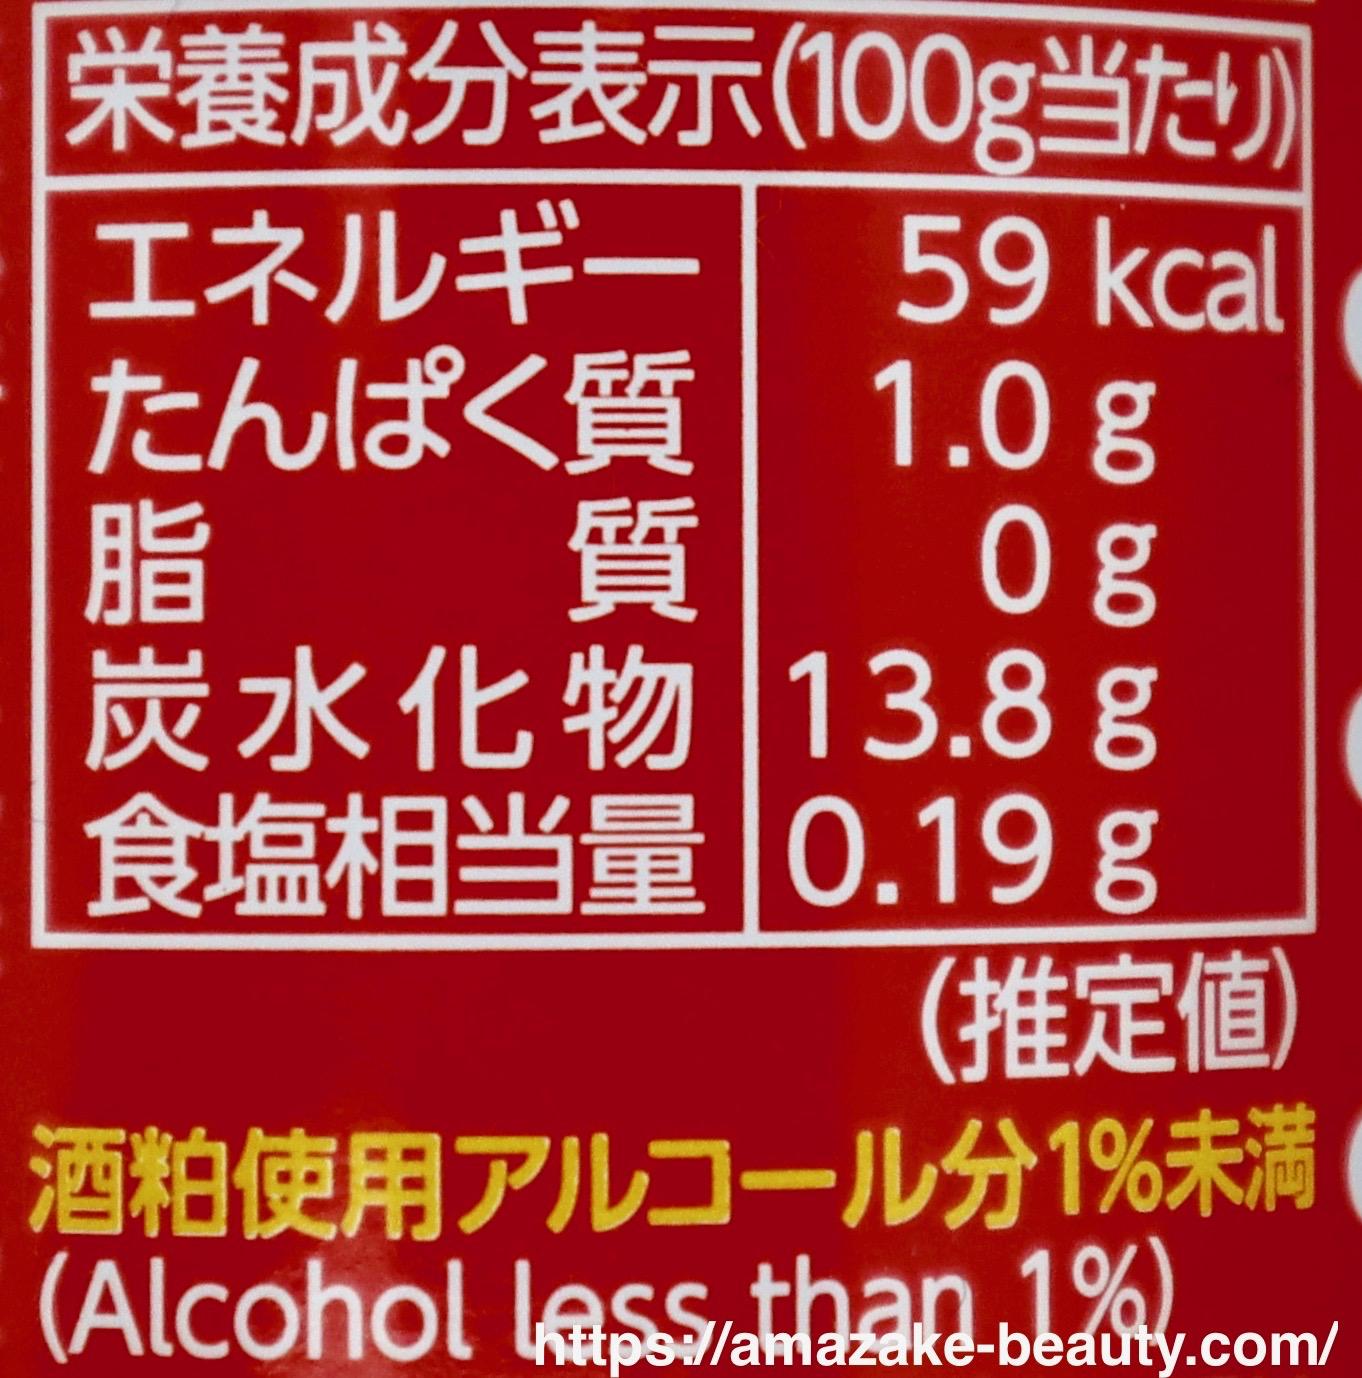 【甘酒】森永製菓『甘酒』(栄養成分表示)